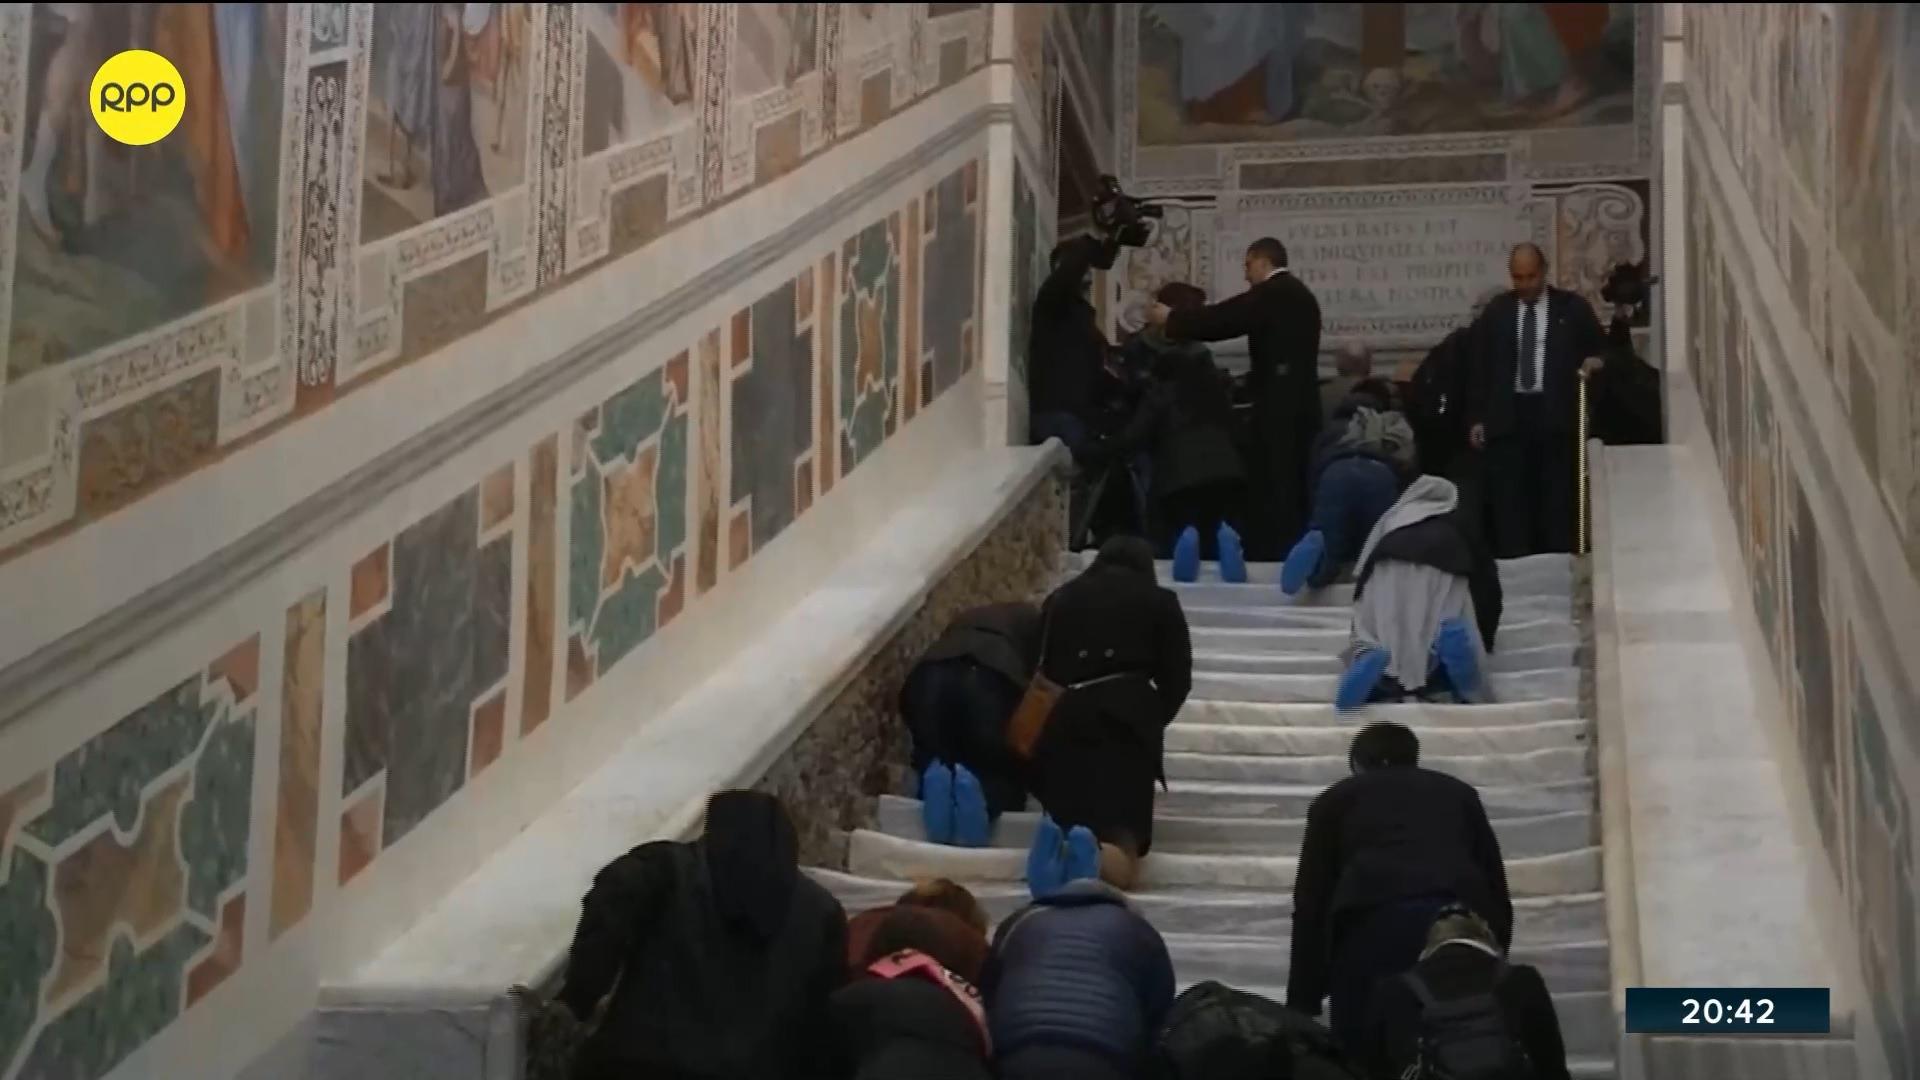 La escalera fue trasladada de Jerusalén al Vaticano.